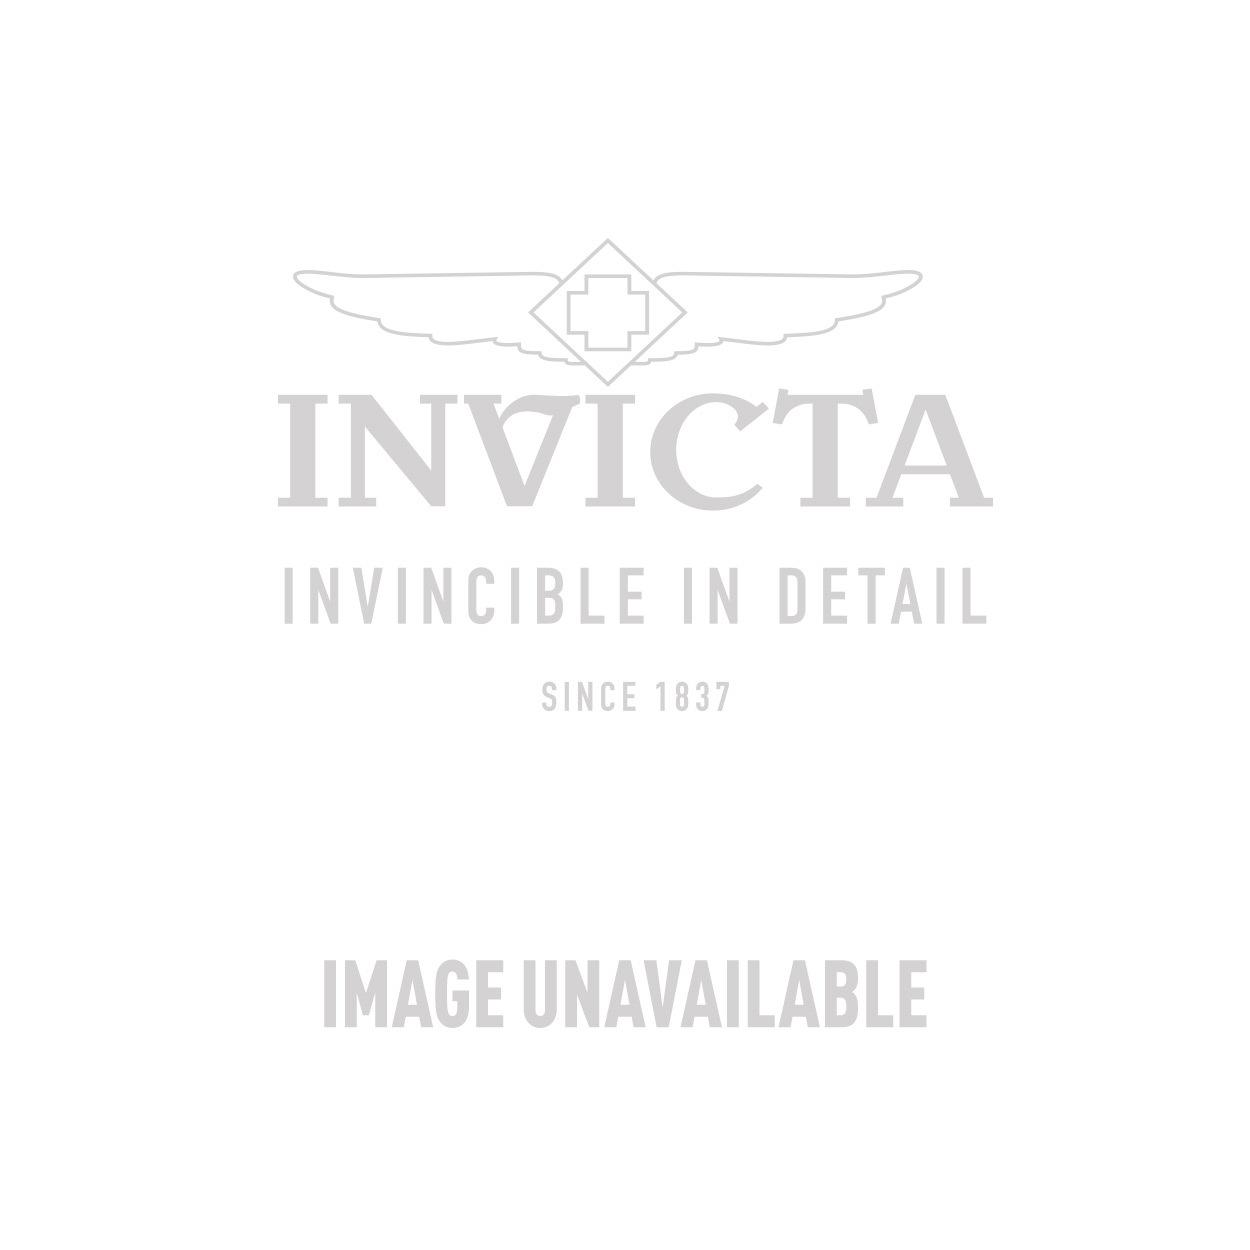 Invicta Model 29608